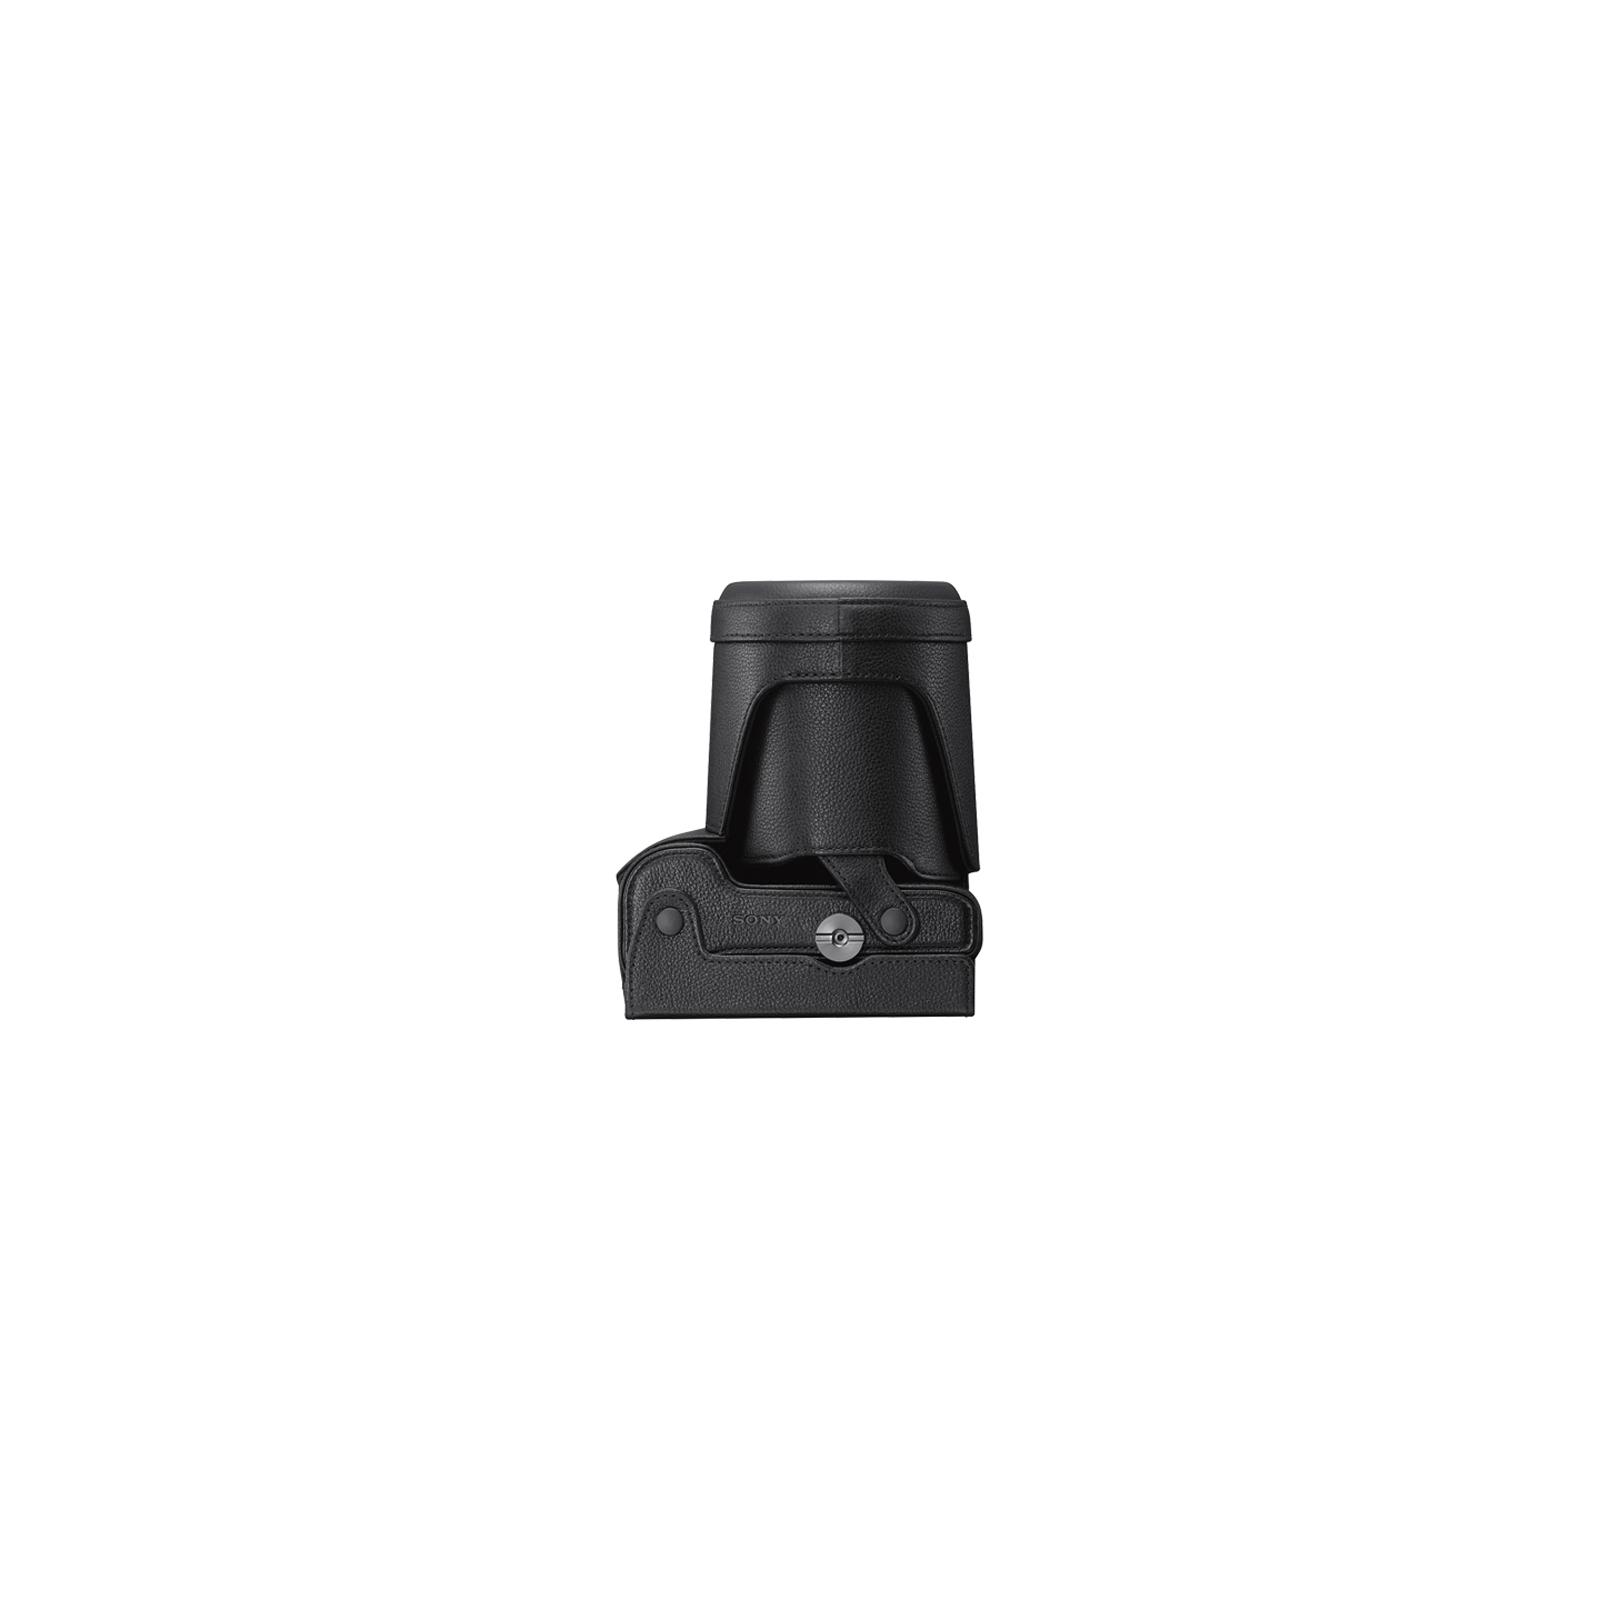 Фото-сумка SONY A7/A7R Black (LCSELCAB.SYH) изображение 9